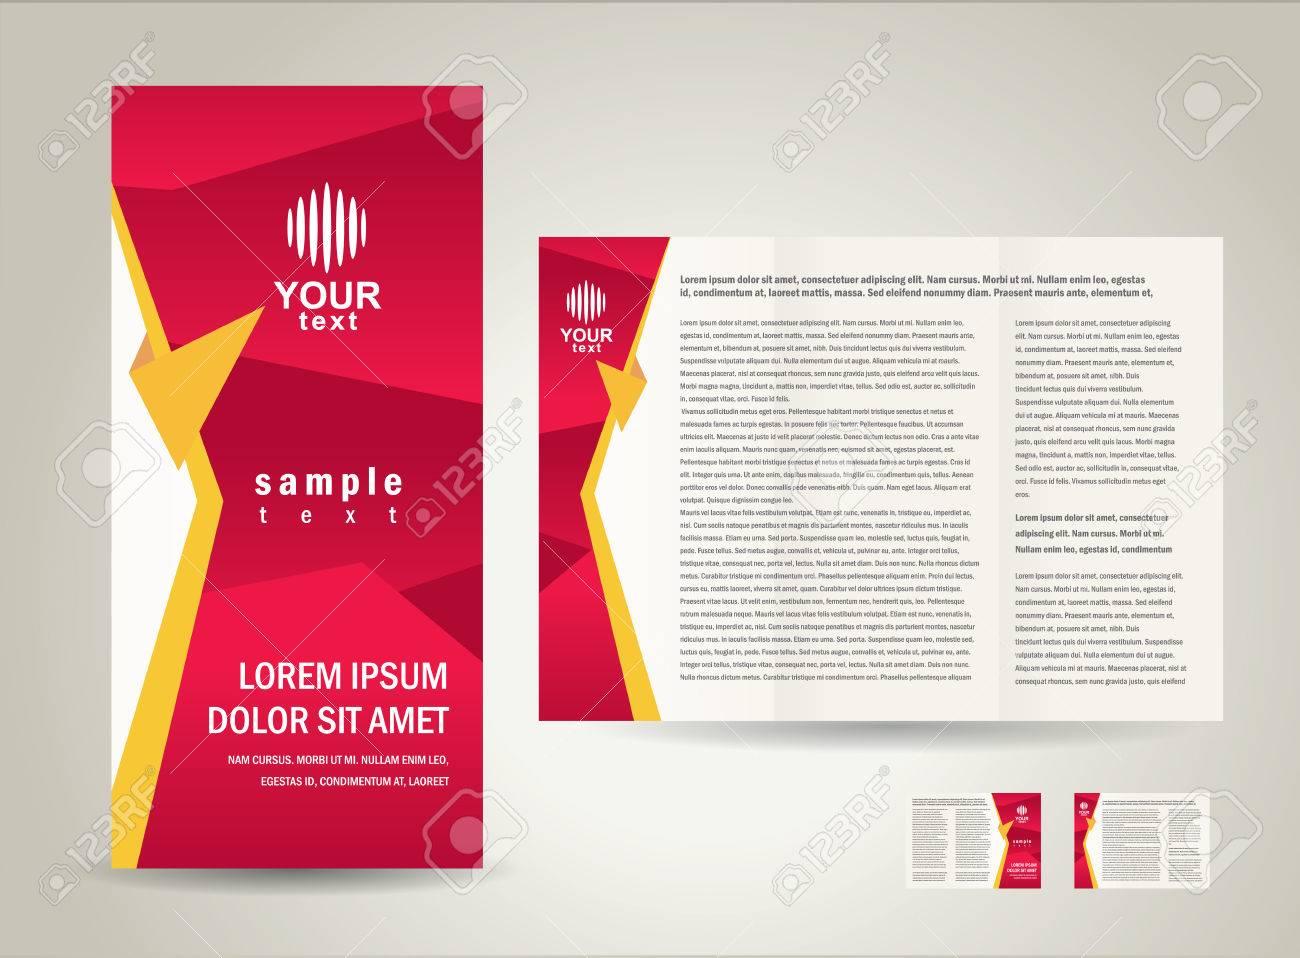 brochure folder design / cmyk, no transparent - 55381043